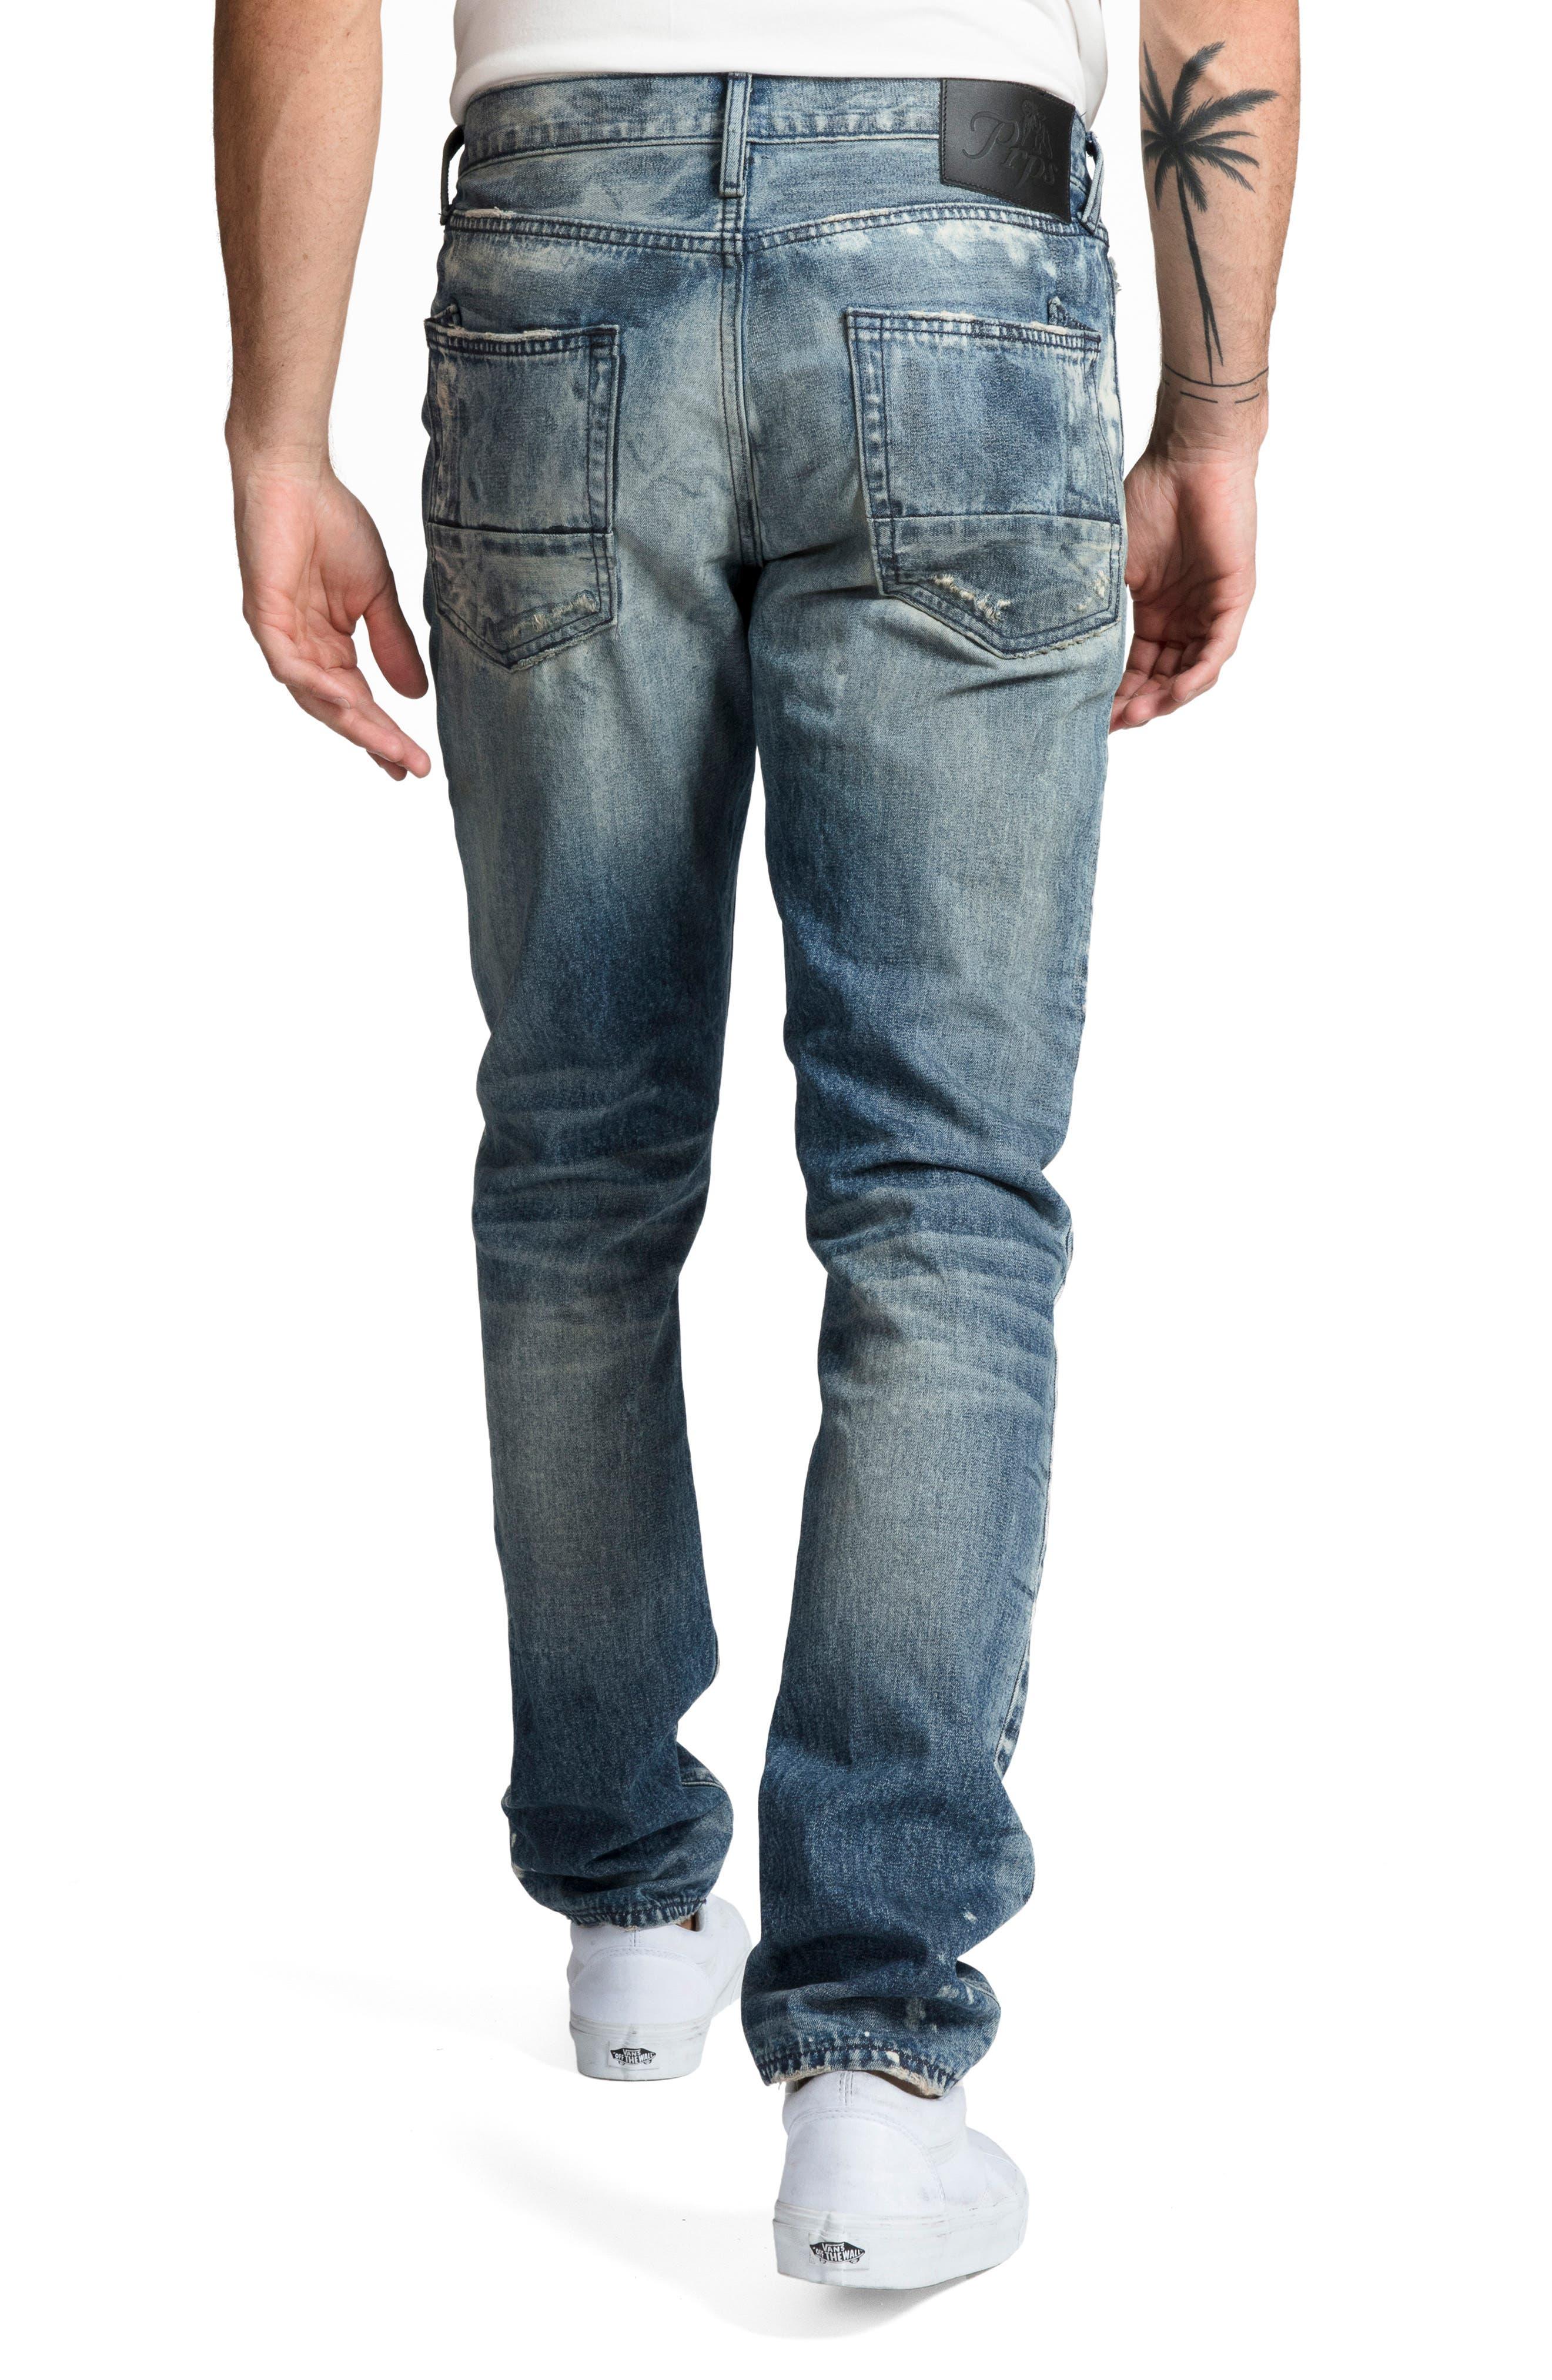 Le Sabre Slim Fit Jeans,                             Alternate thumbnail 2, color,                             MELODIC